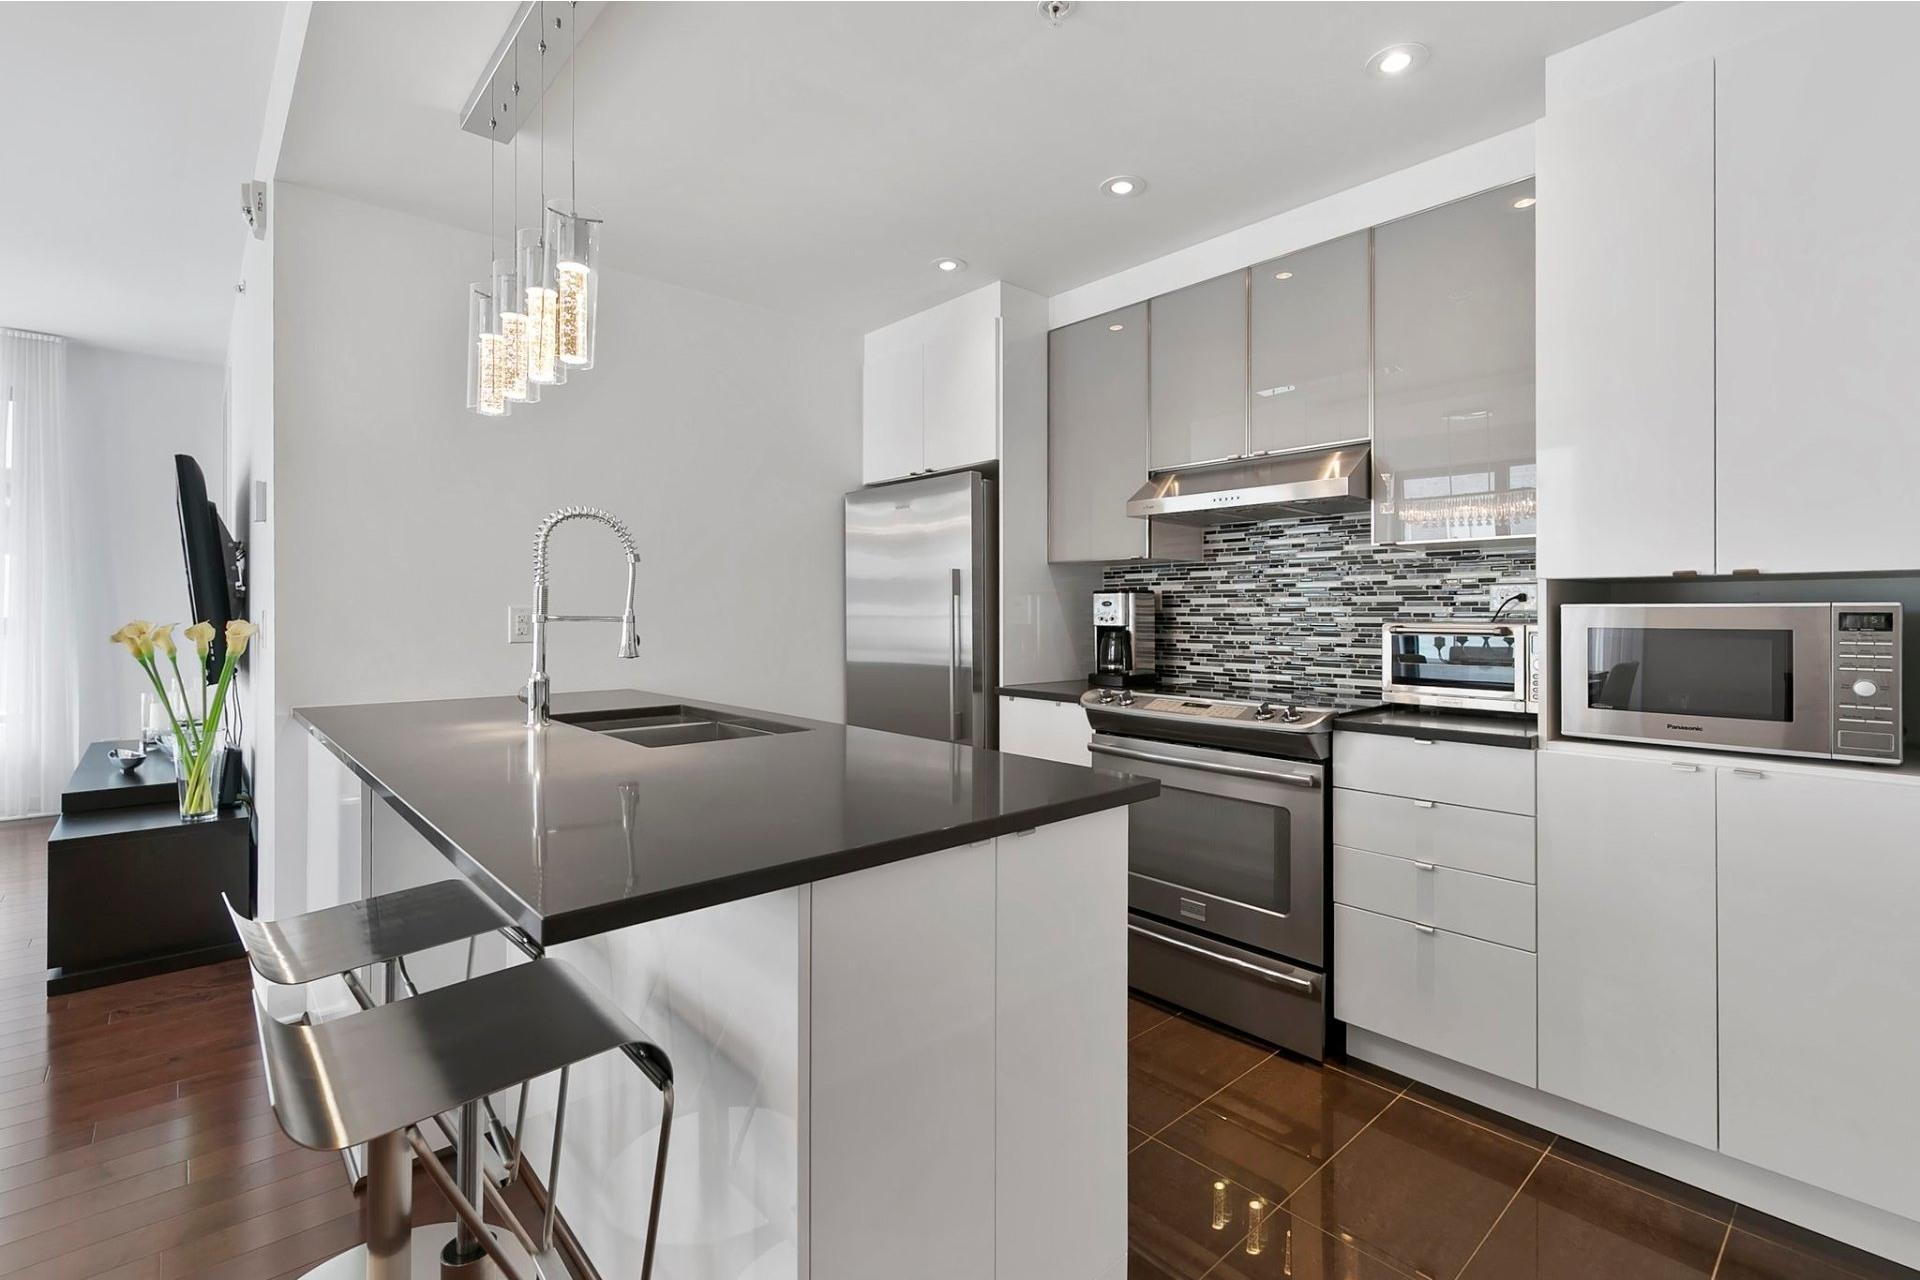 image 12 - Apartment For sale Côte-des-Neiges/Notre-Dame-de-Grâce Montréal  - 8 rooms